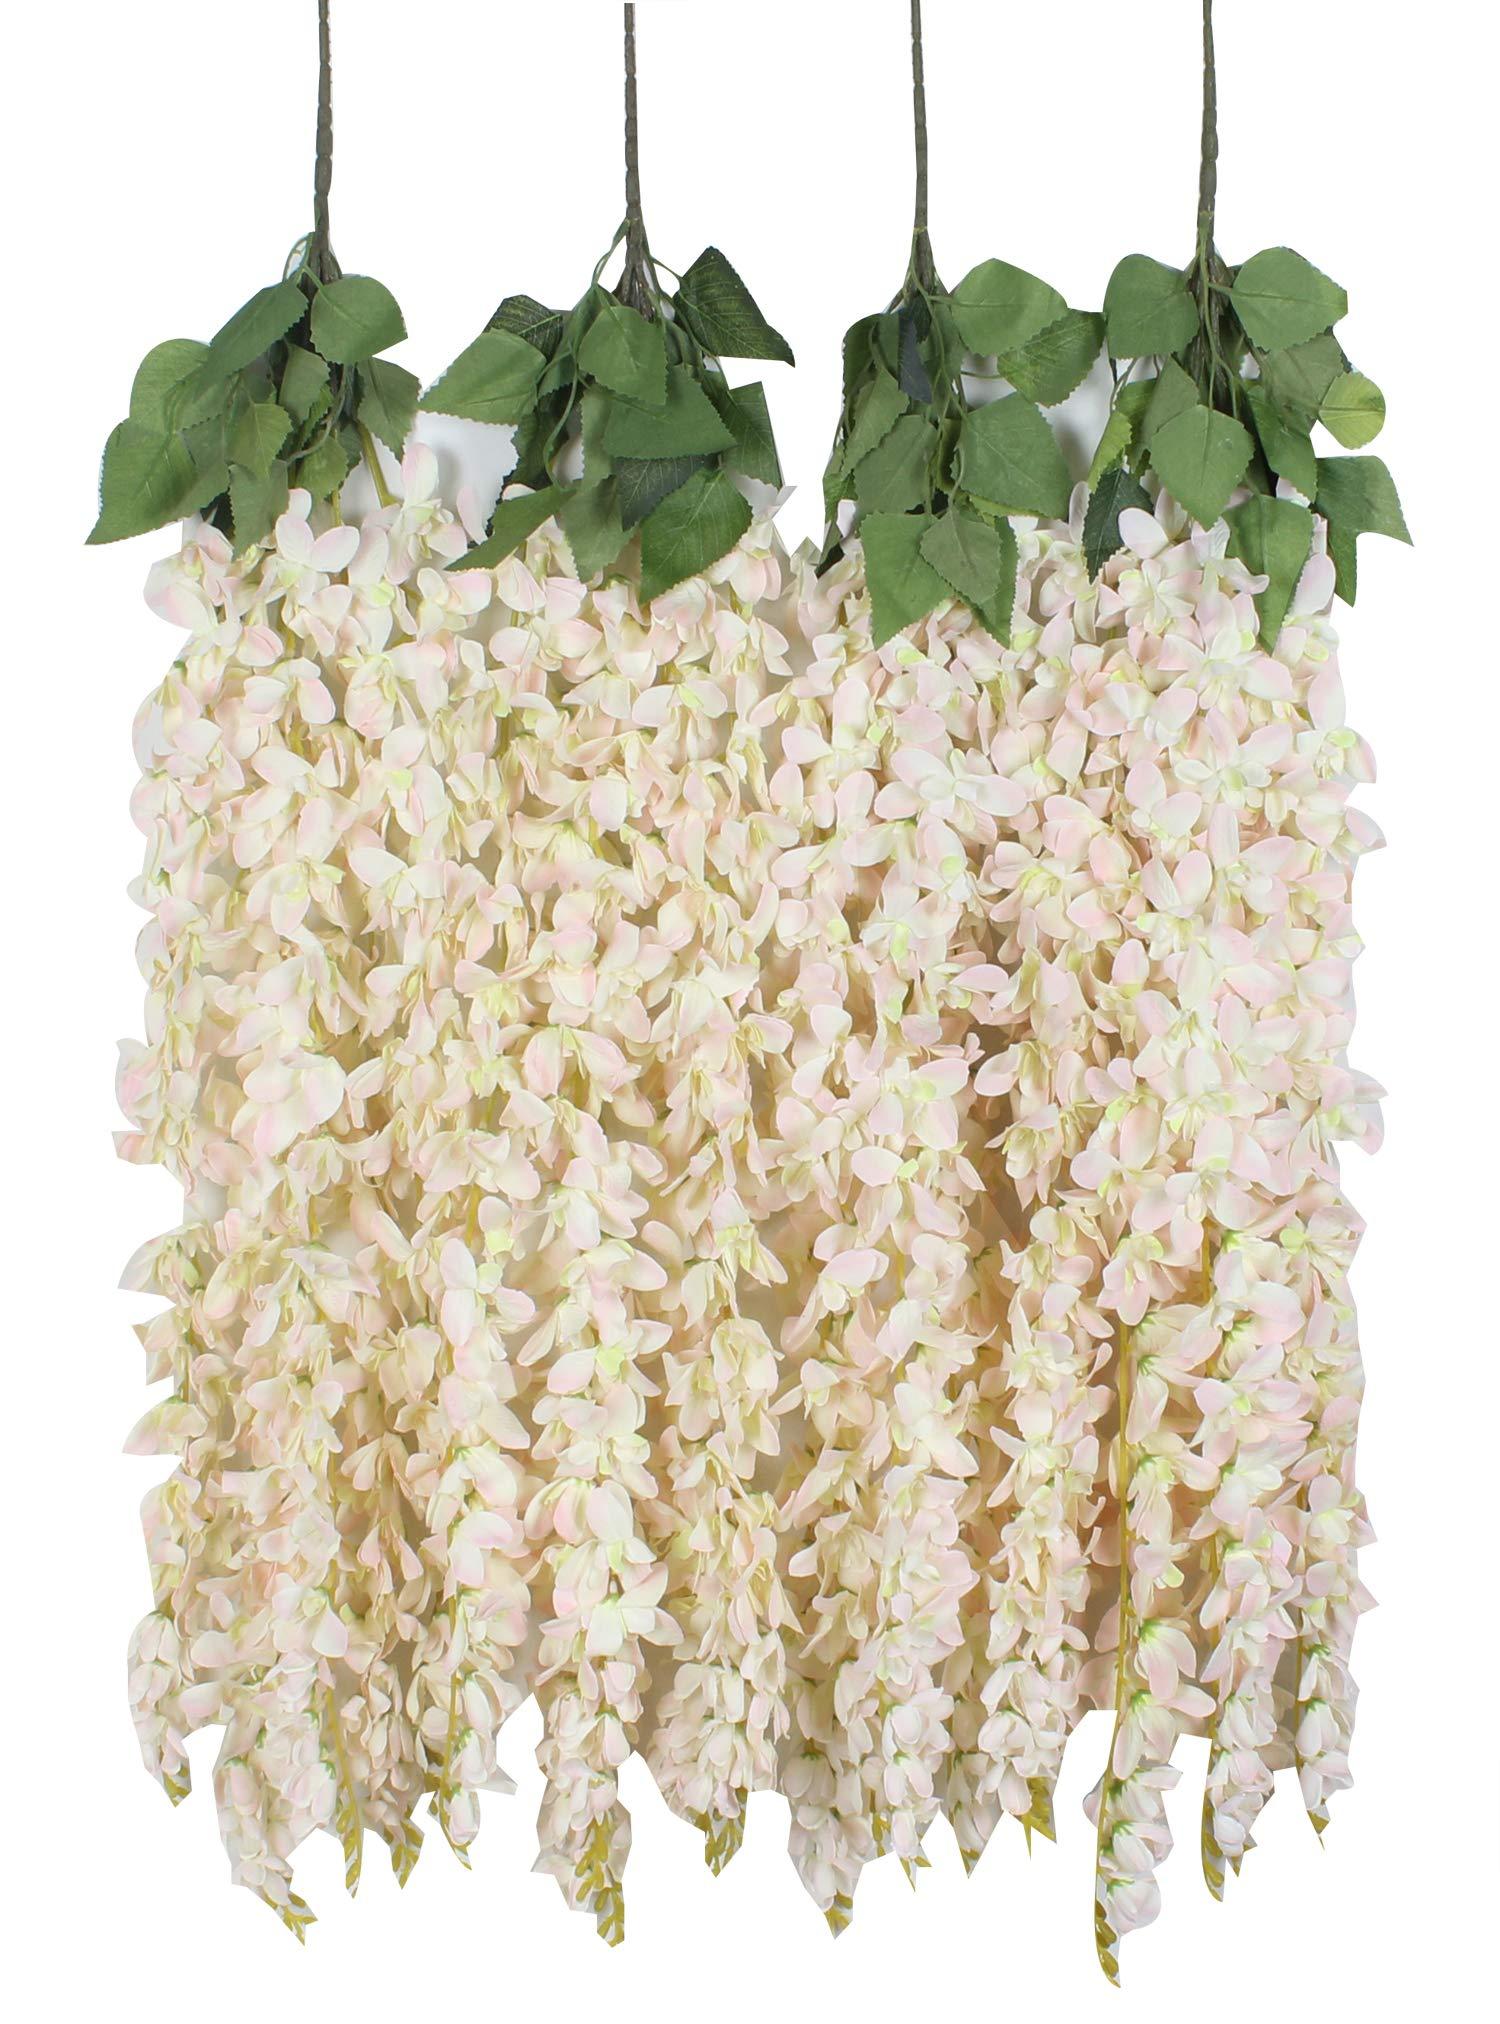 silk flower arrangements duovlo 4 pcs 2.72 feet artificial wisteria hanging garland flowers silk flower bush for wedding party home garden wall restaurant decoration(light pink)